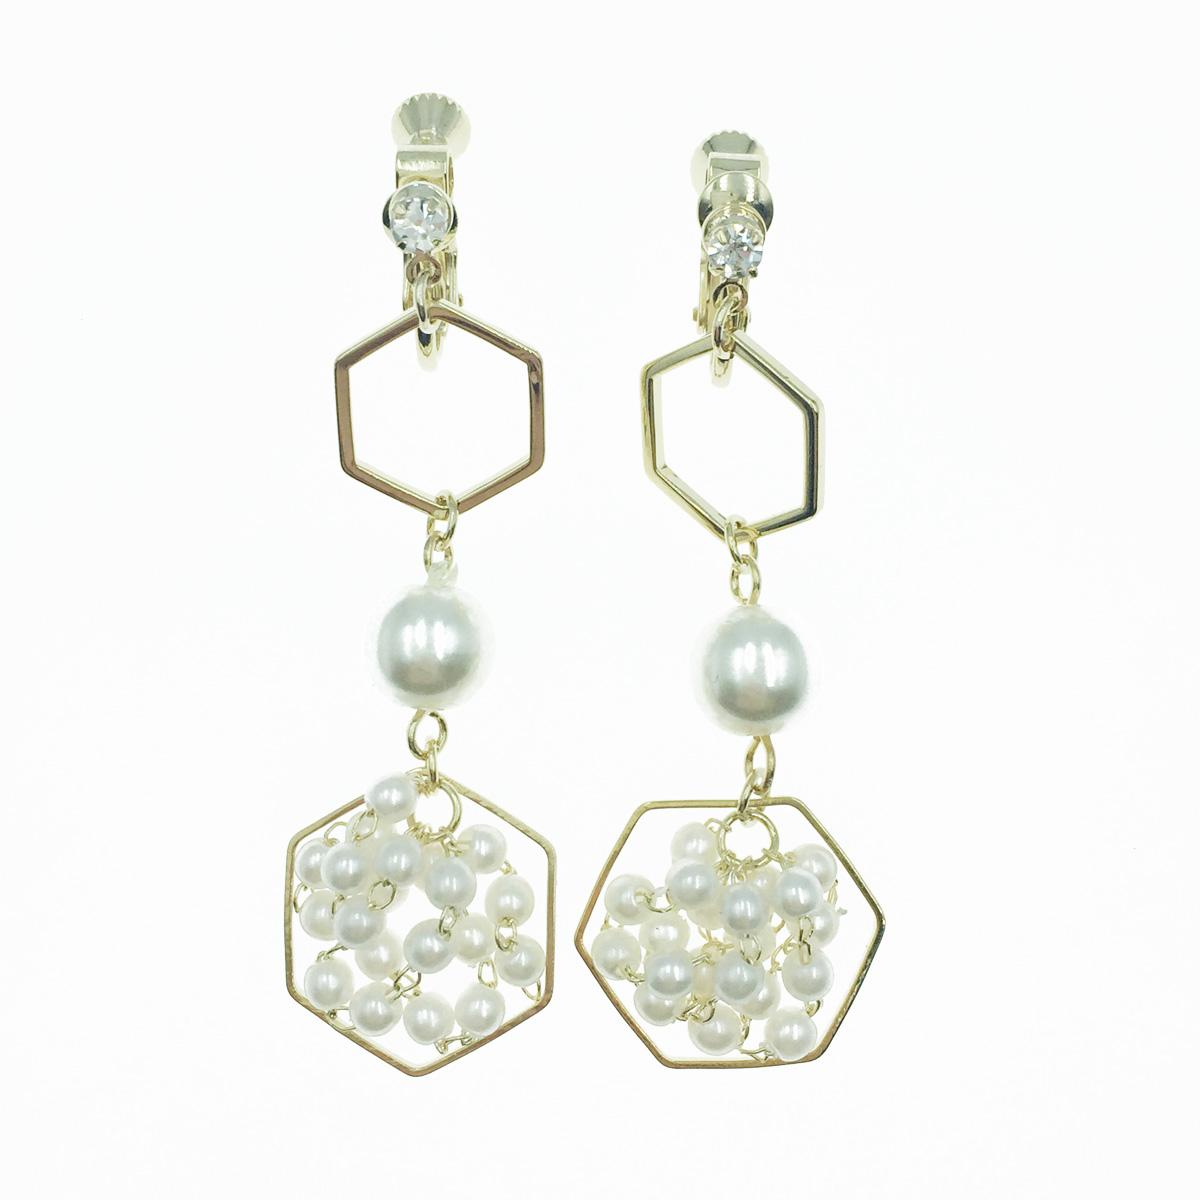 韓國 簍空 五角形 水鑽 珍珠 垂墜感 夾式耳環